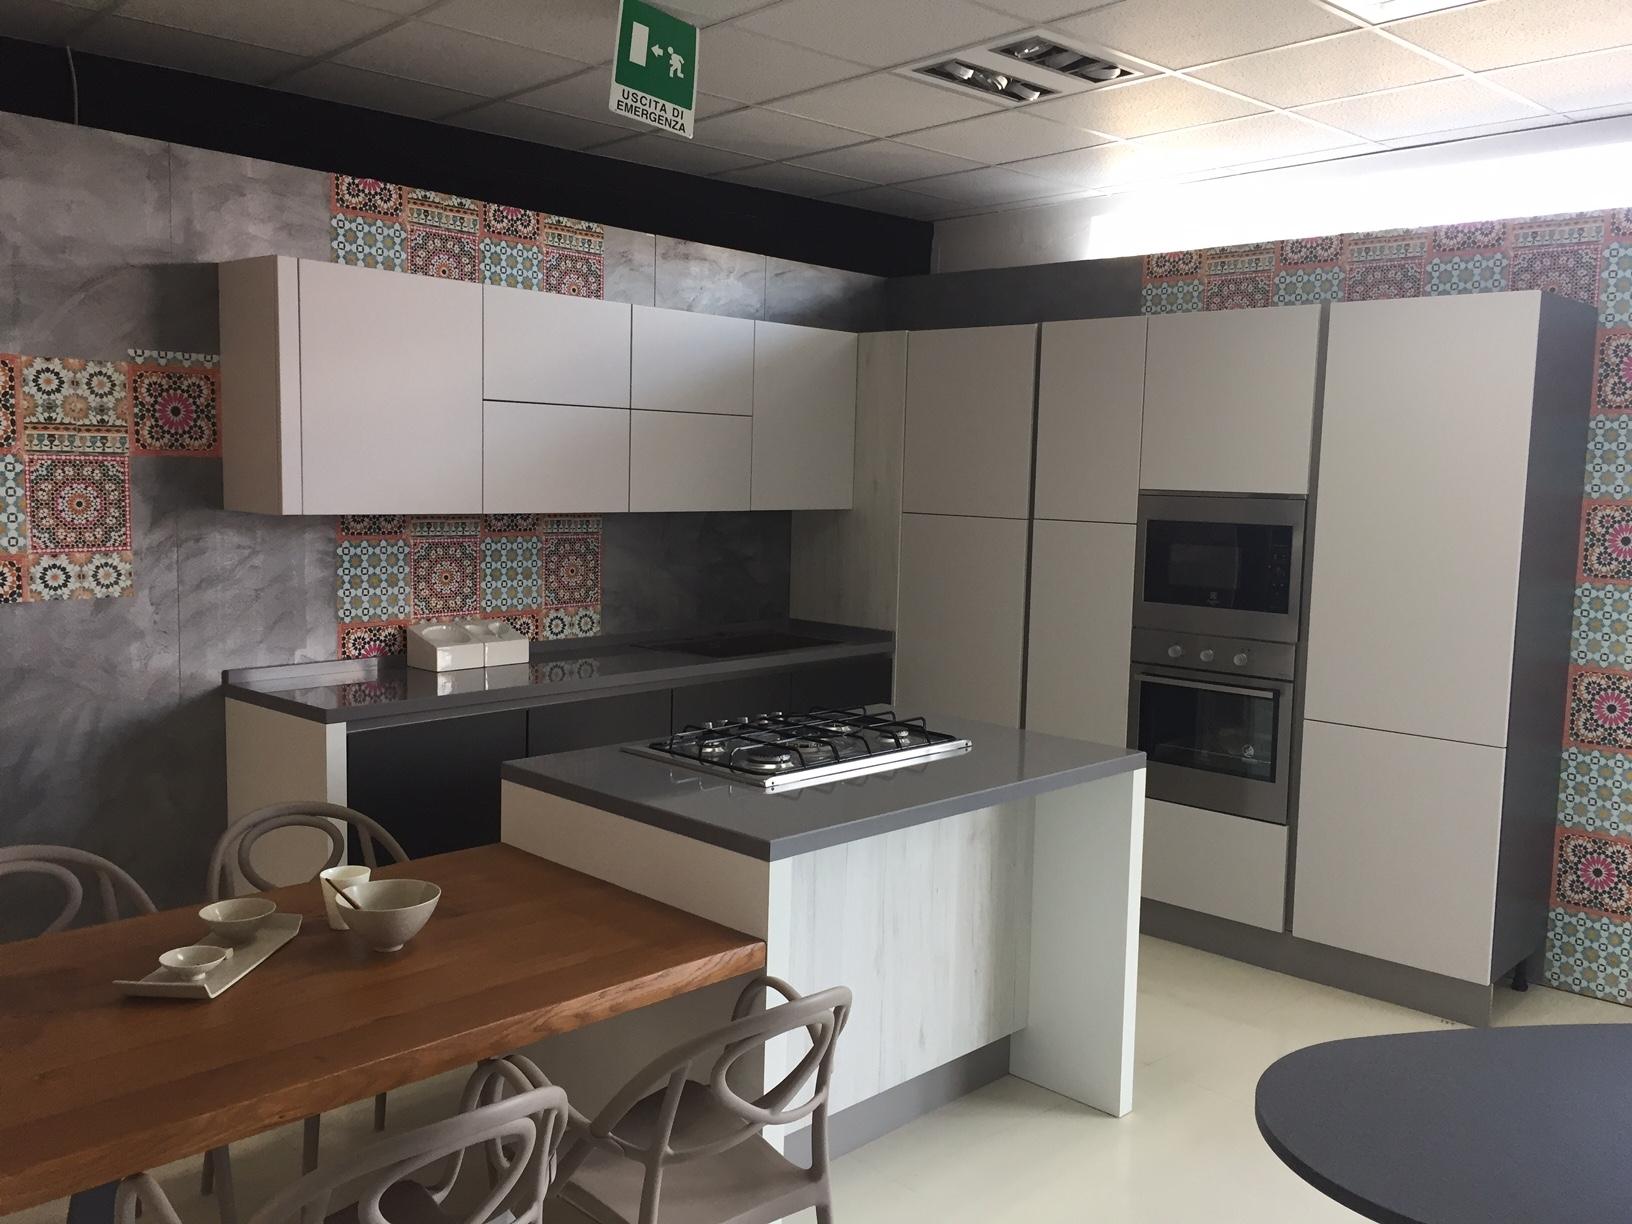 Cucina ad angolo astra cucine scontato del 53 cucine for Cucine componibili ad angolo prezzi